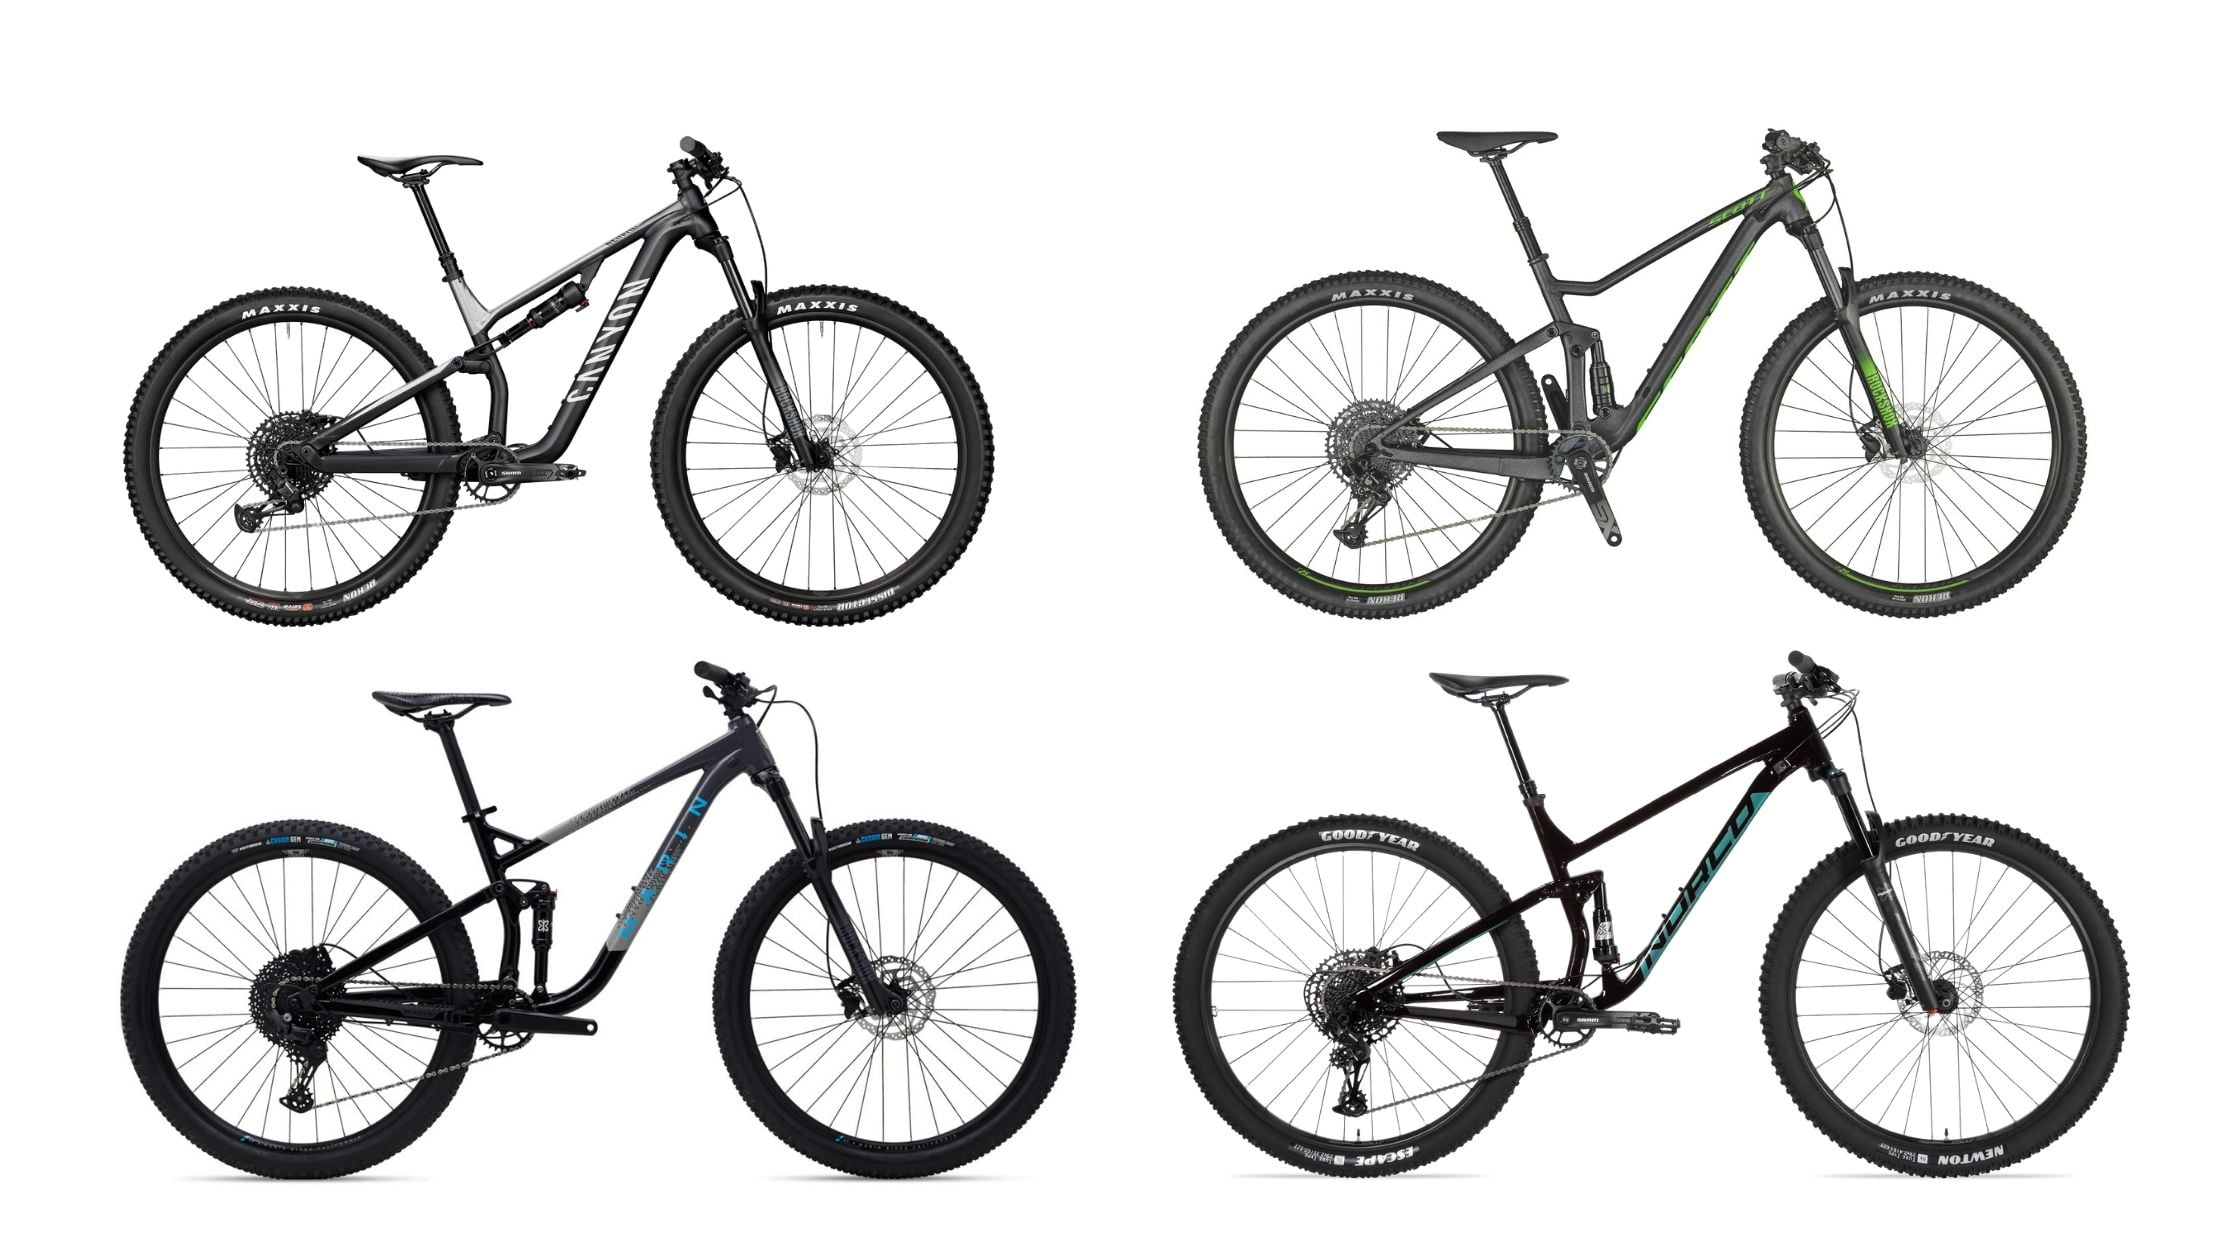 Best 2021 Full Suspension Trail Bikes For $2000